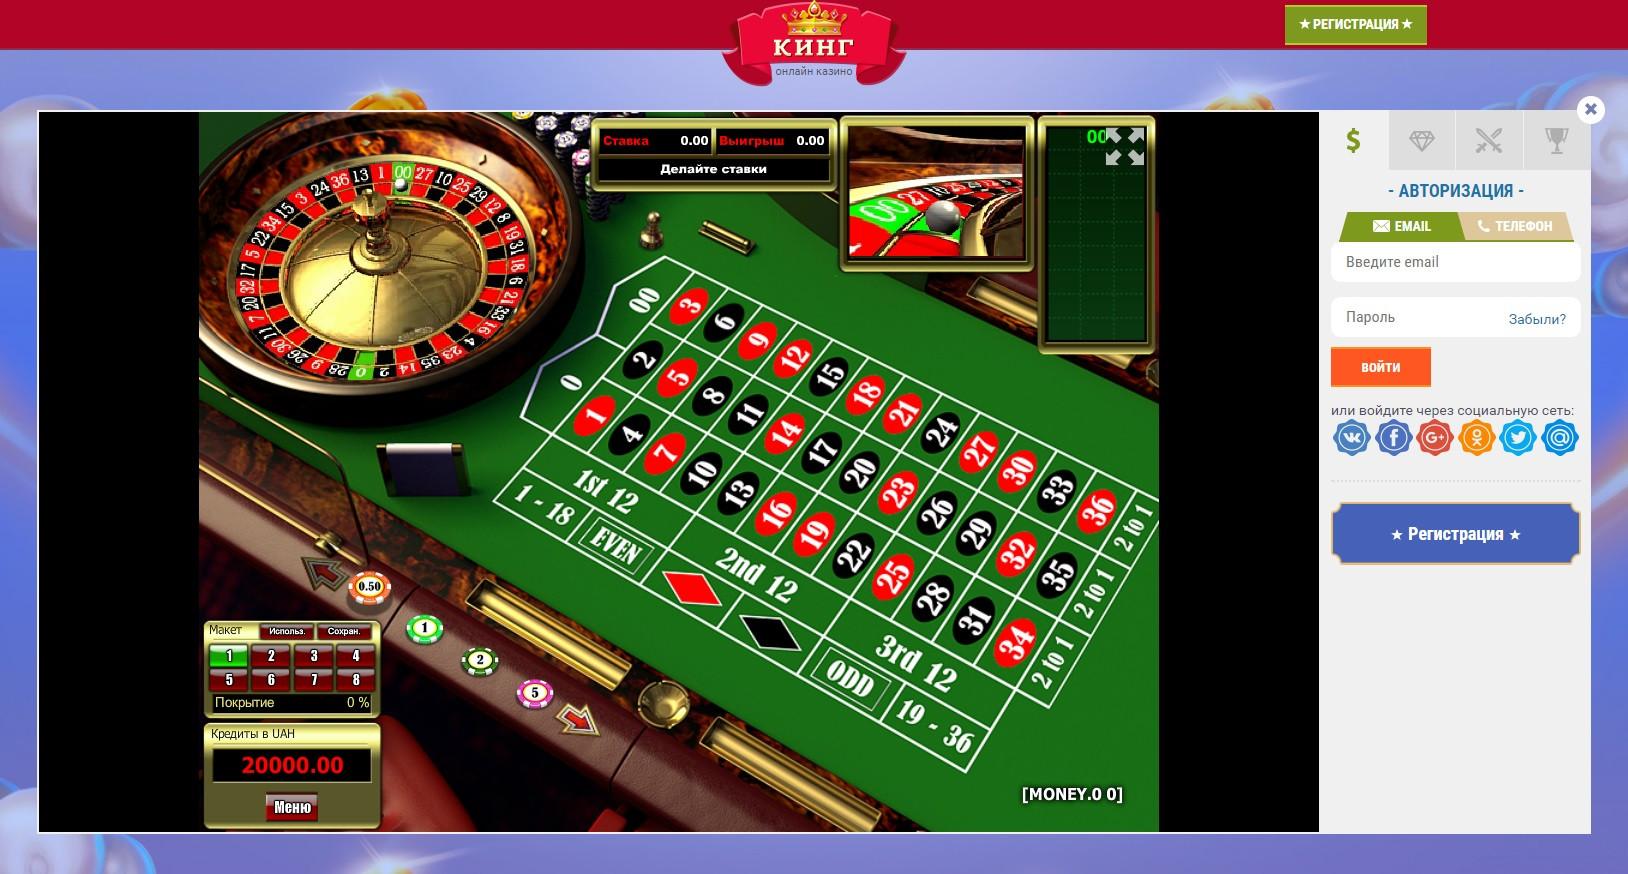 Список американских казино игра онлайн играть бесплатно рулетка